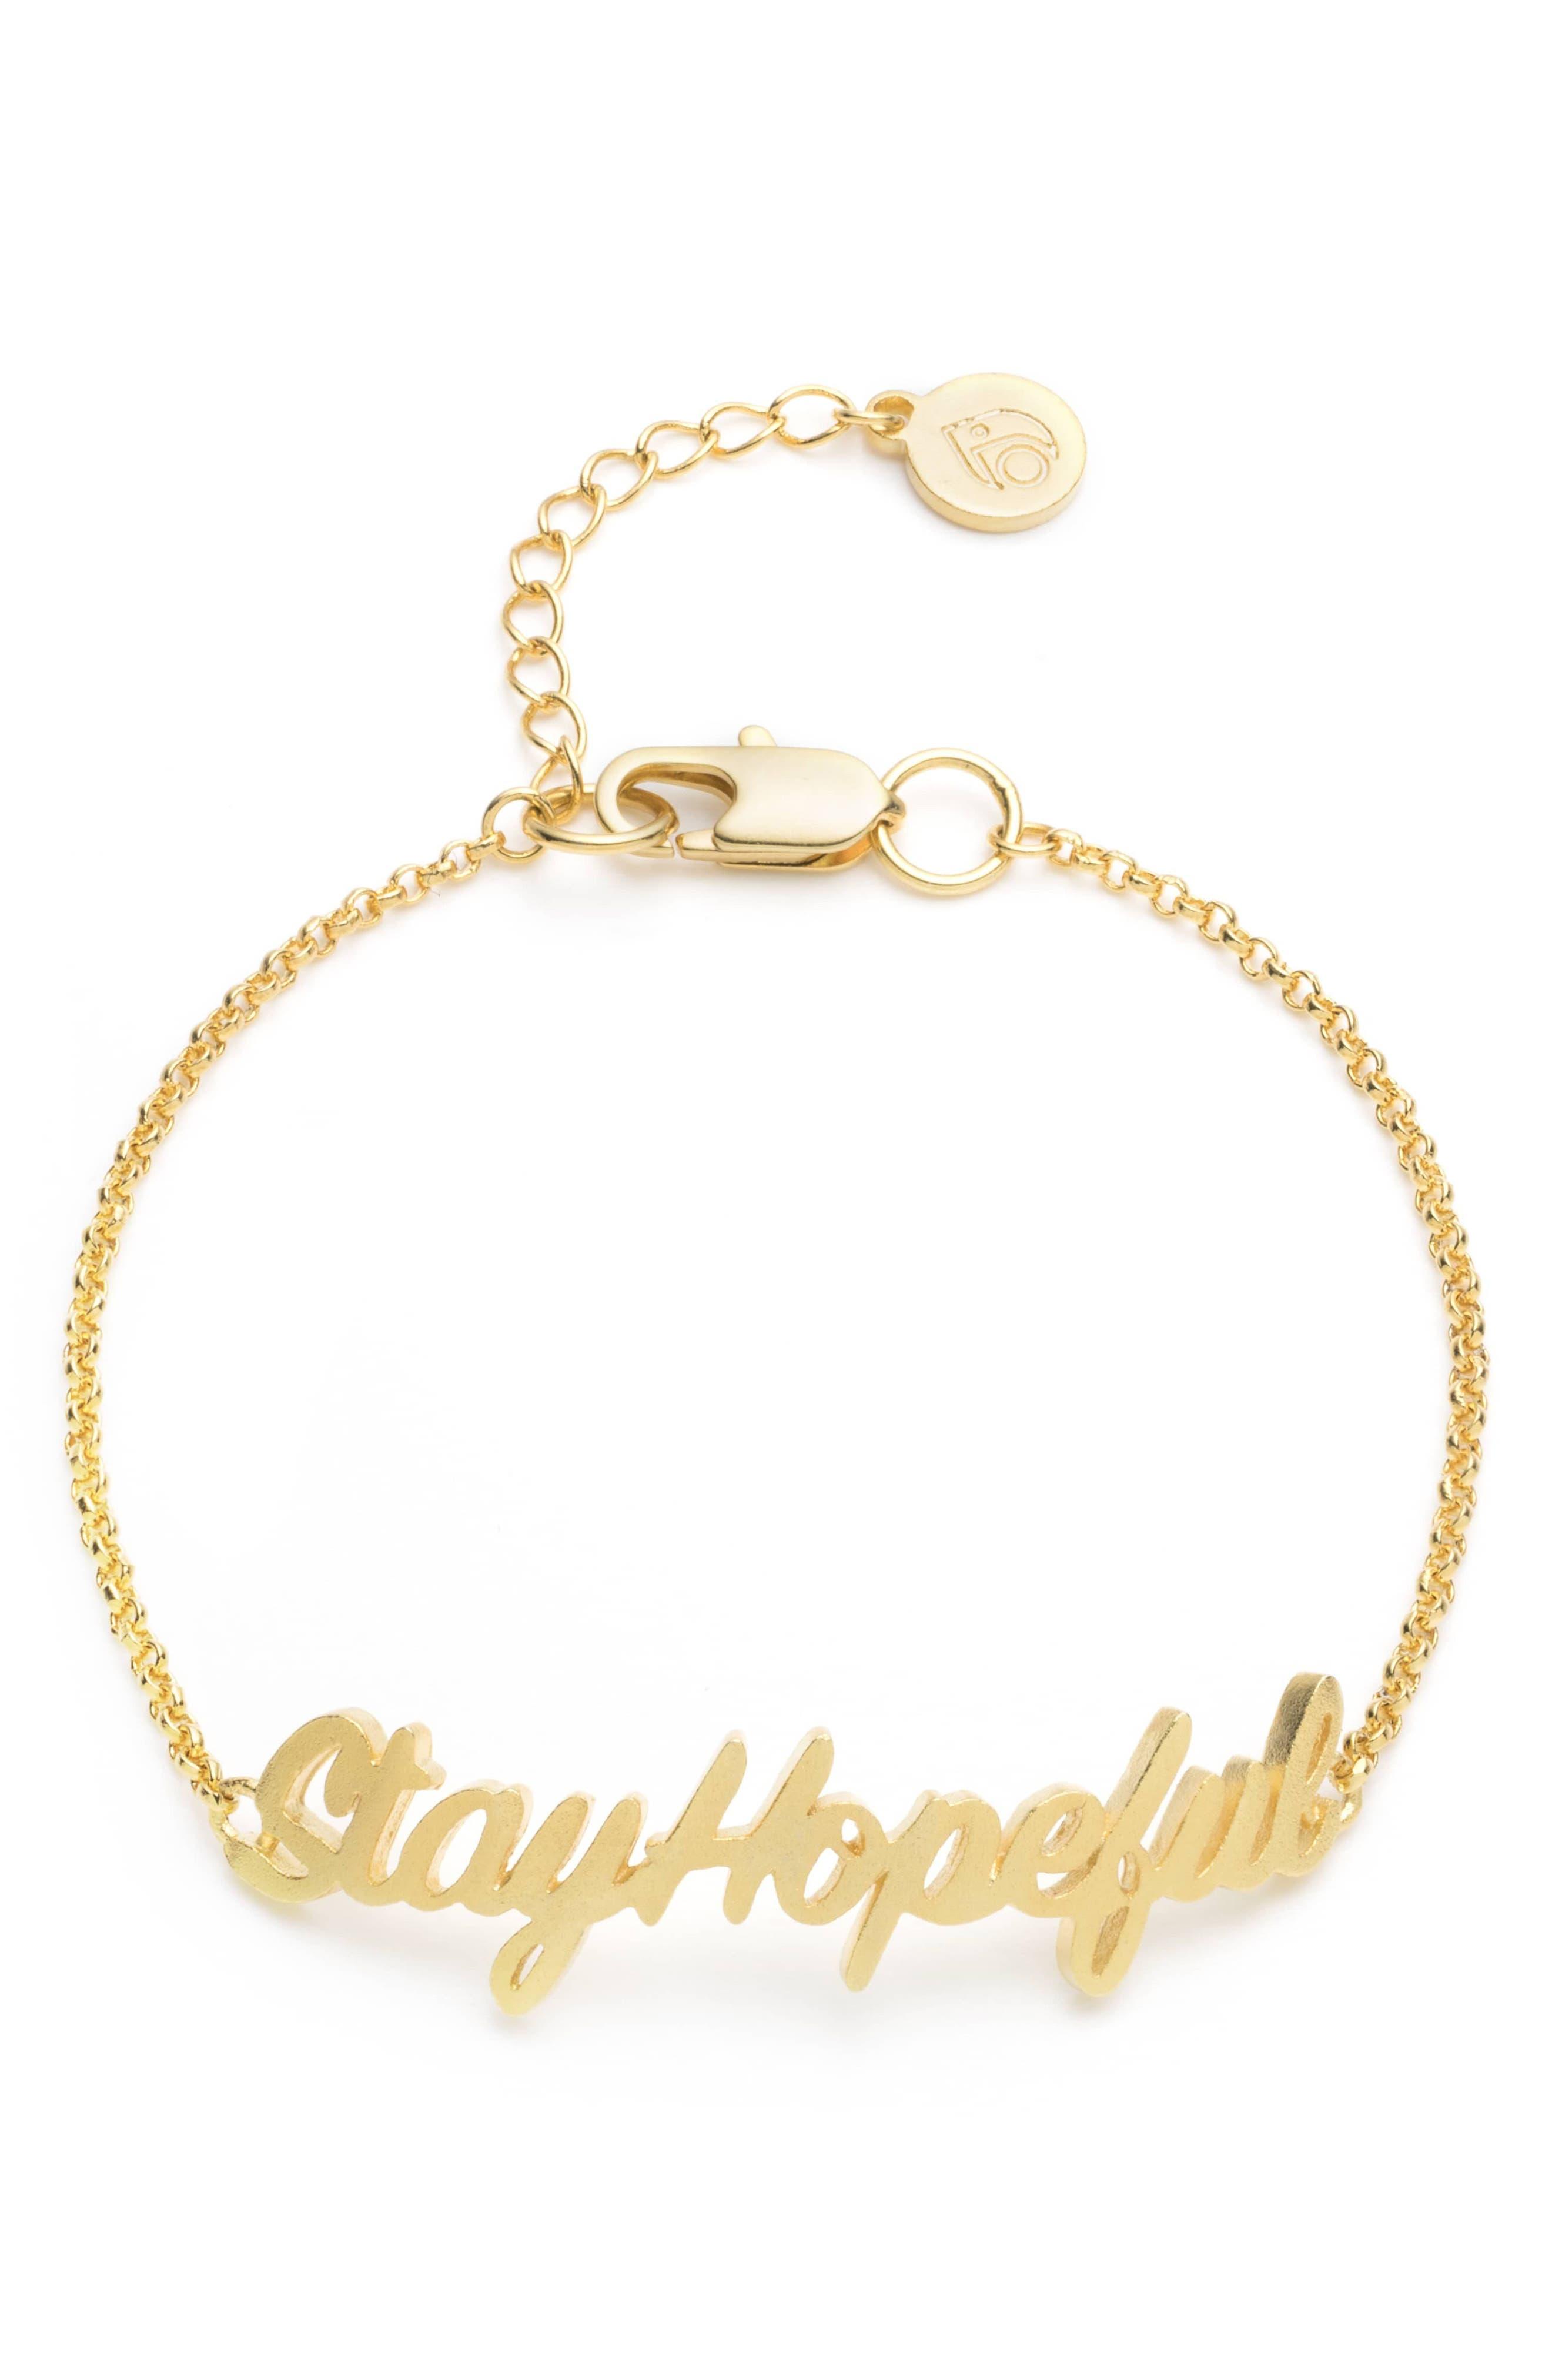 Stay Hopeful Bracelet,                         Main,                         color, Gold